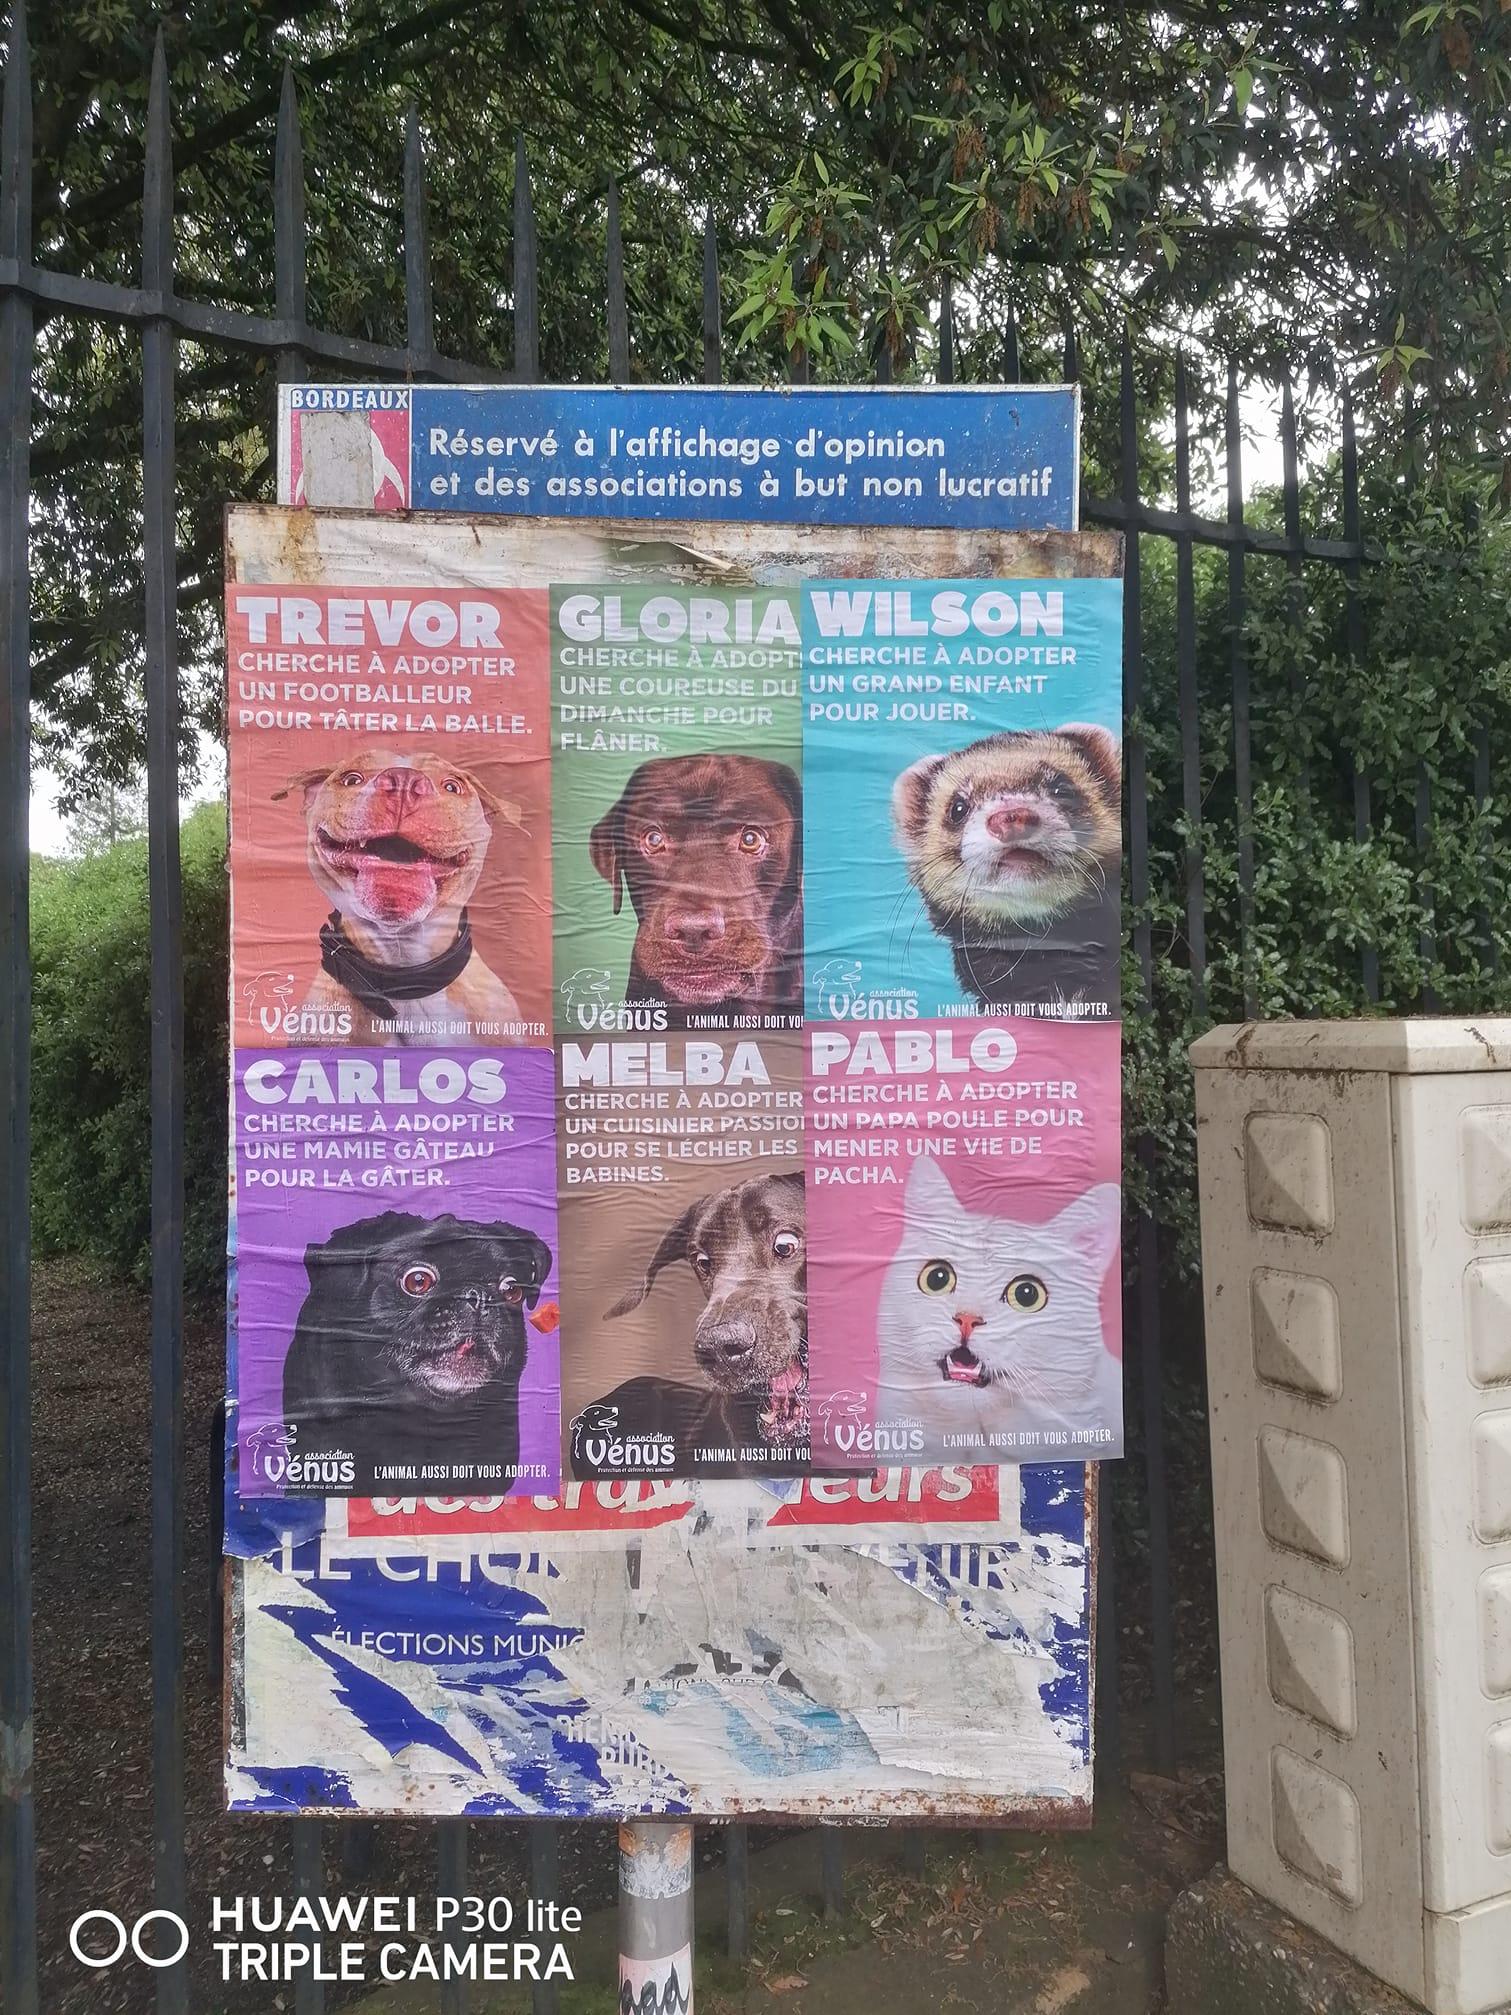 Affichage de la campagne réalisée par les étudiants de l'ESP Bordeaux pour l'Association Vénus